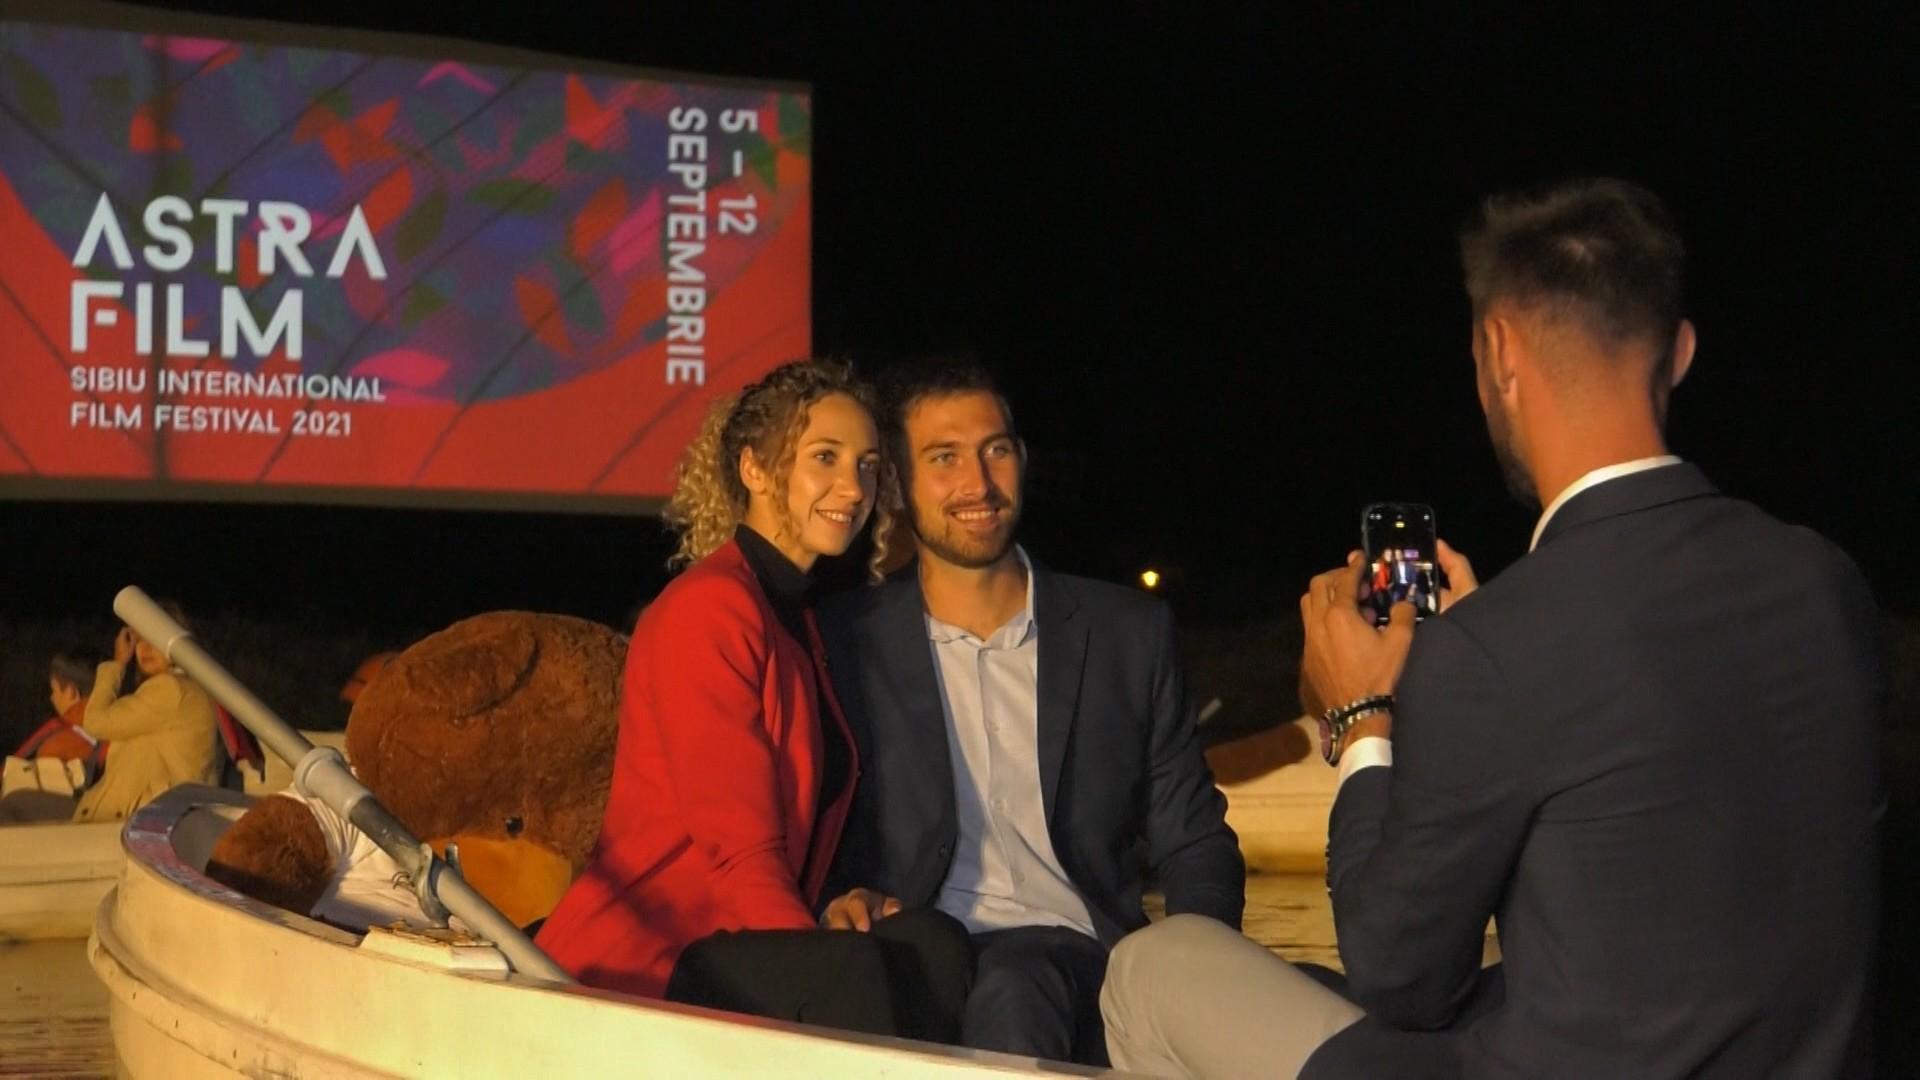 Cu barca la film: Spectatorii Festivalului de Film Documentar ASTRA au vâslitlaunison spre locul special amenajat pentru proiecţii